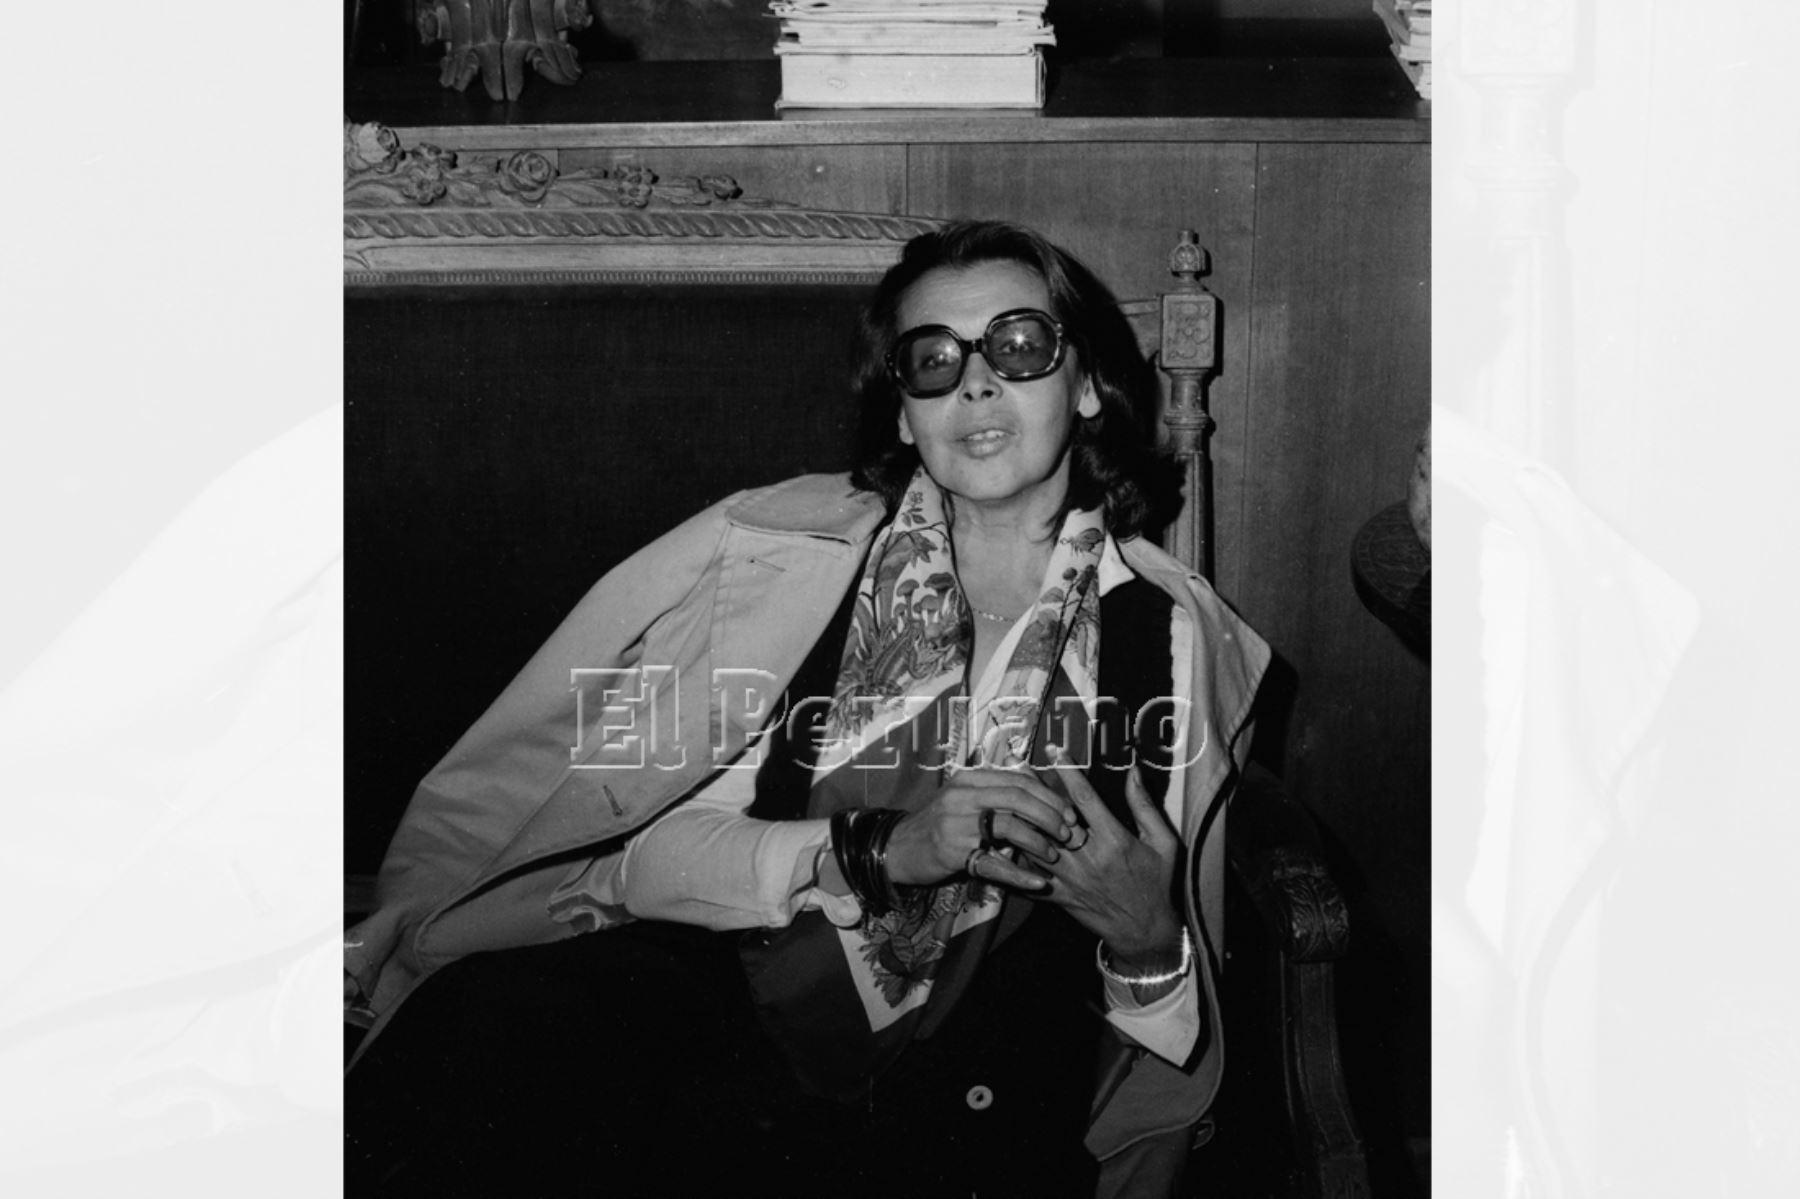 Lima - 10 junio 1975. Entrevista a la poeta Blanca Varela para suplemento Mundial de La Crónica. Foto: Archivo diario El Peruano